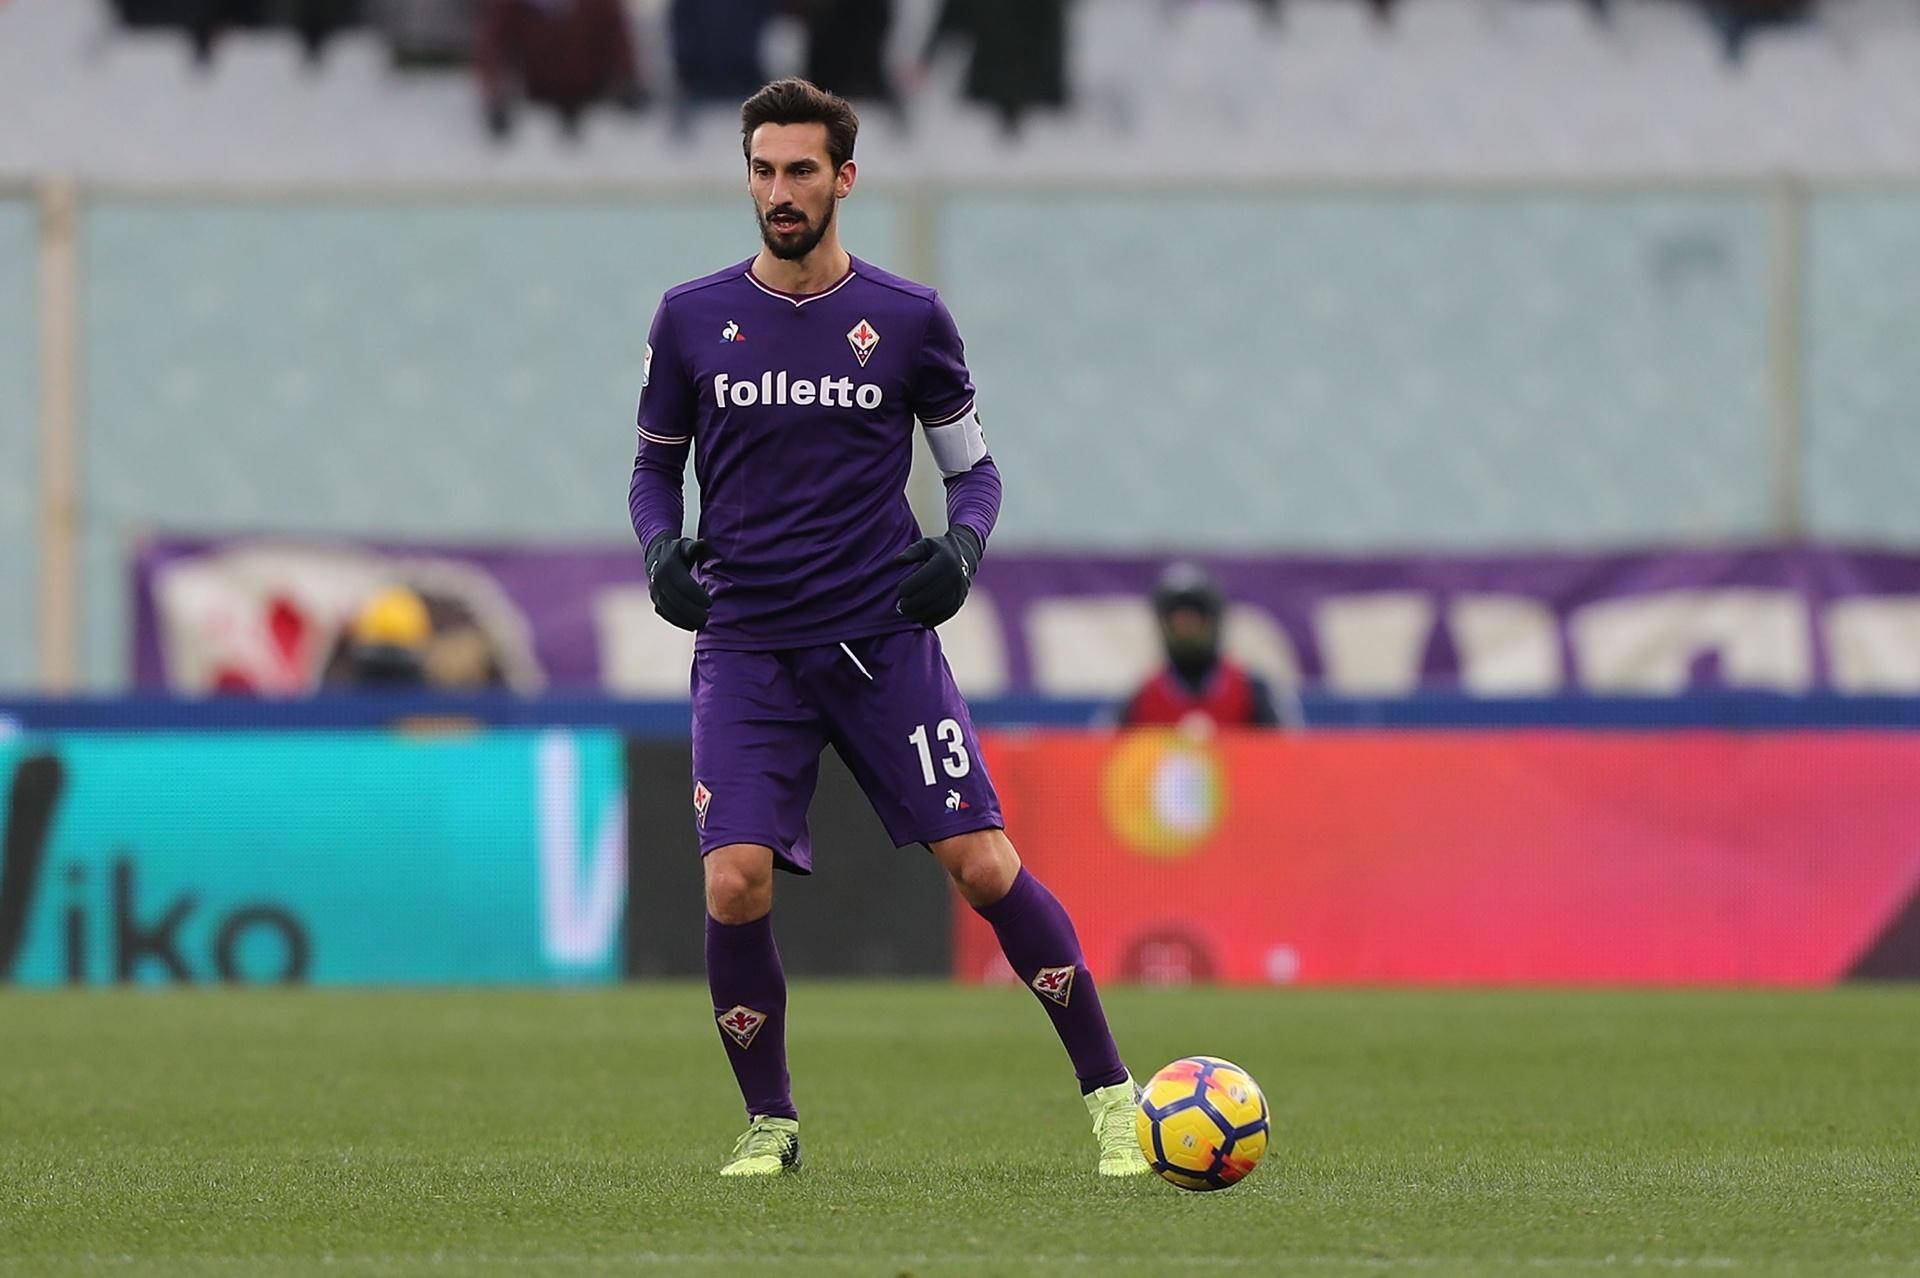 95c425696f Fiorentina e Cagliari aposentam camisa com número 13 em homenagem a Astori  - 06 03 2018 - UOL Esporte